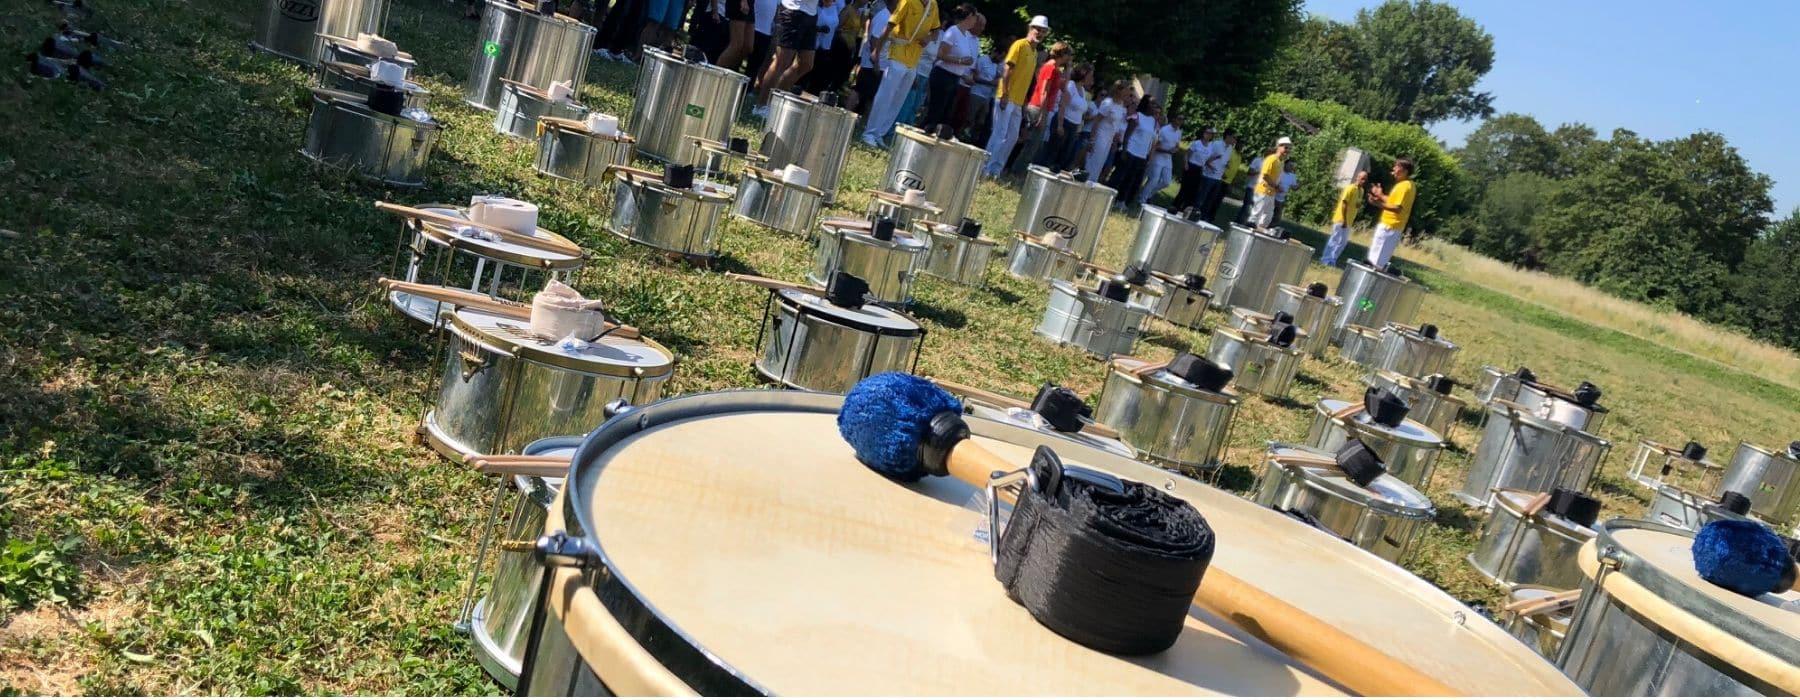 TEAM BUILDING percussions brésiliennes